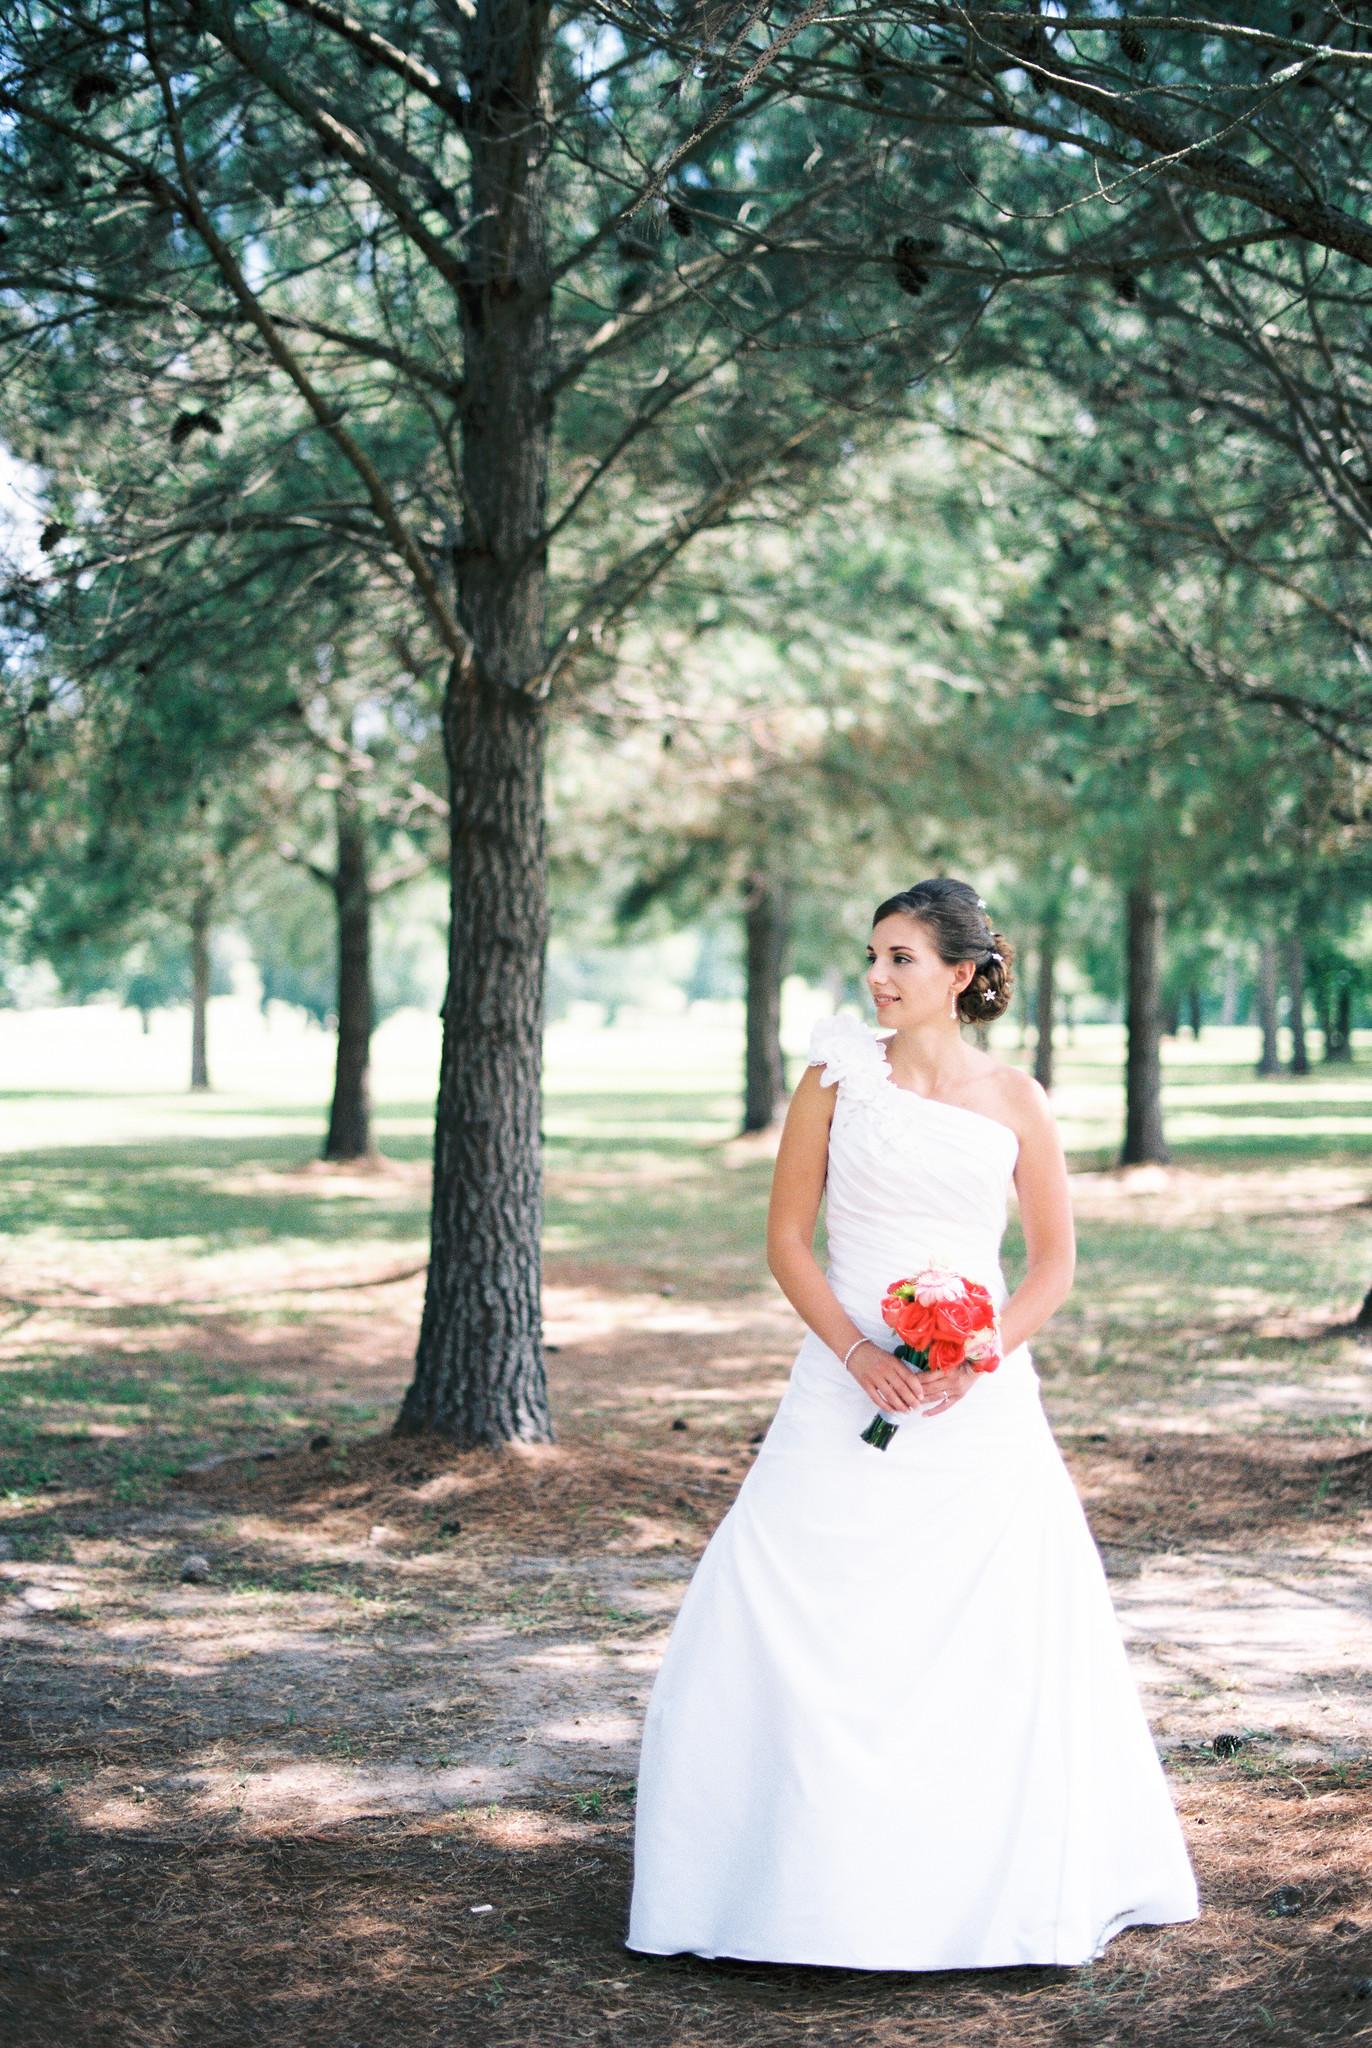 arthur-wedding-086-X4.jpg